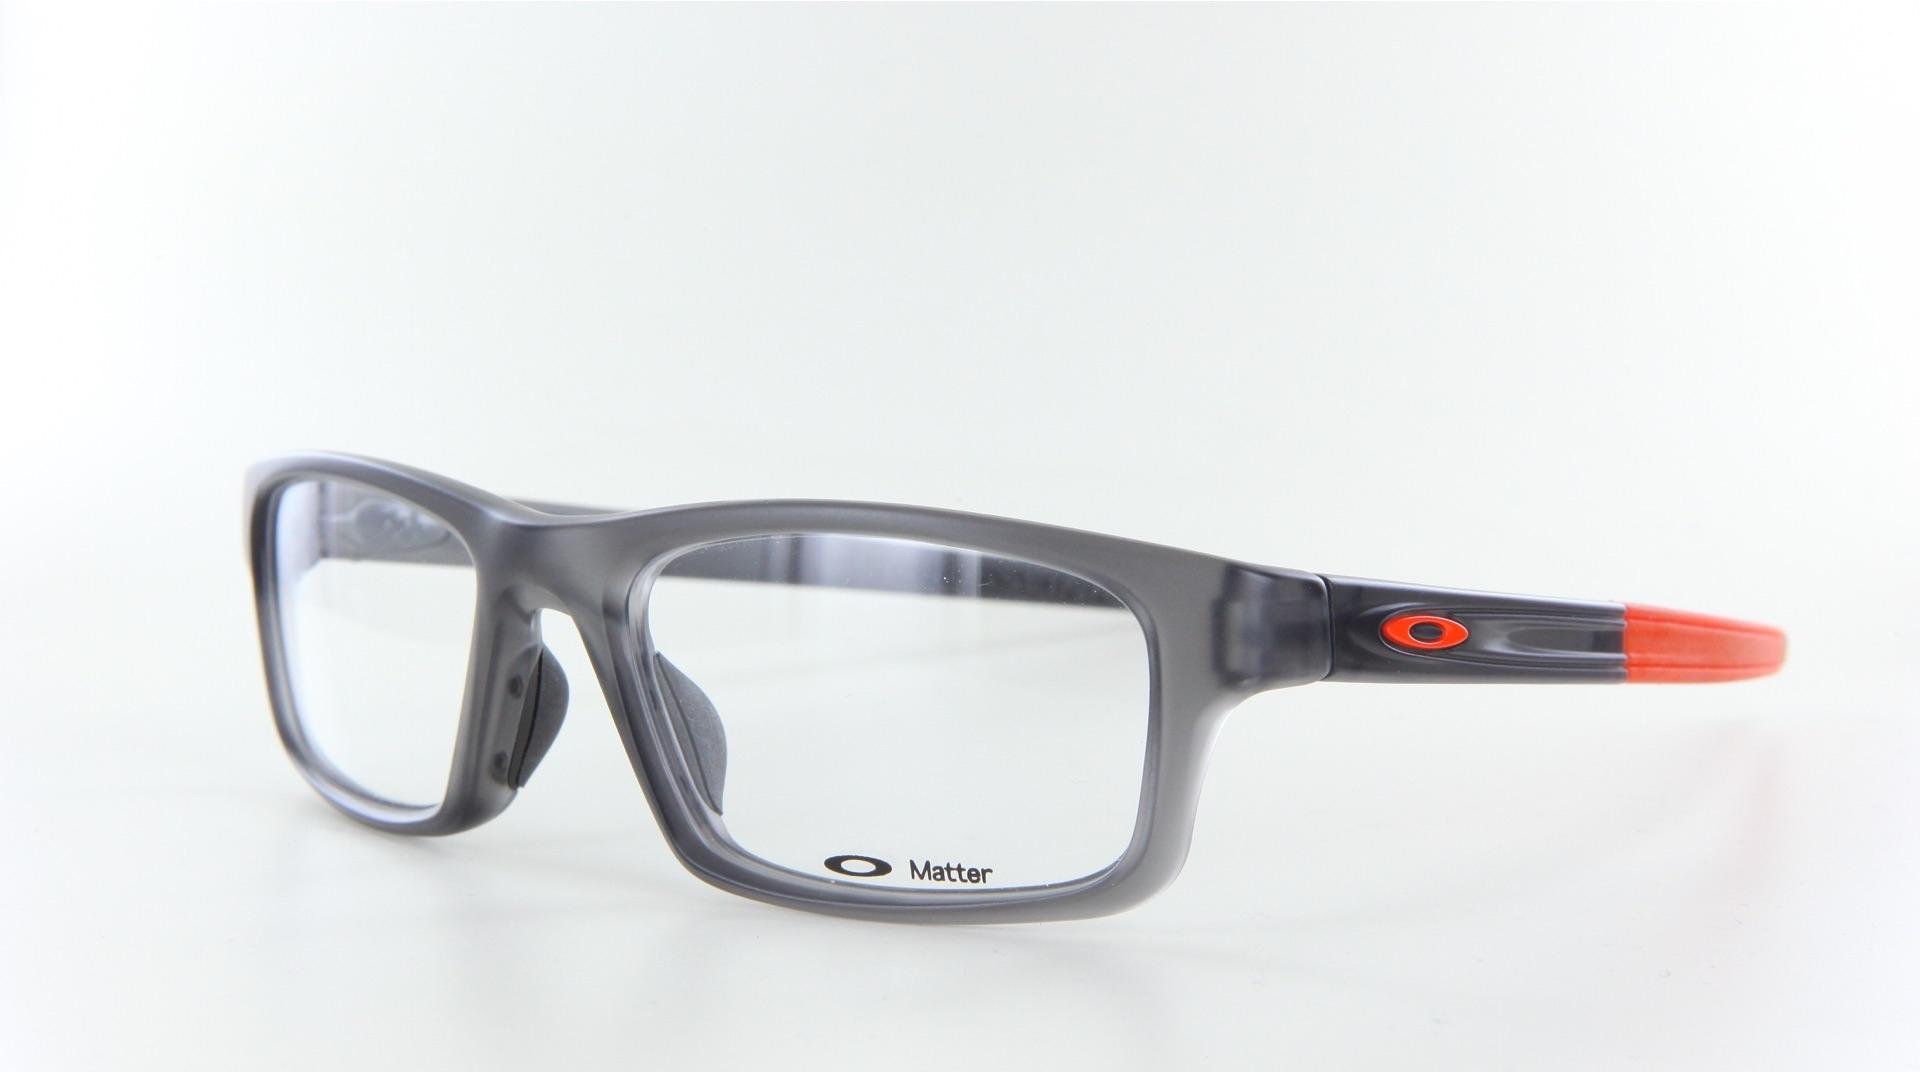 Oakley - ref: 72807